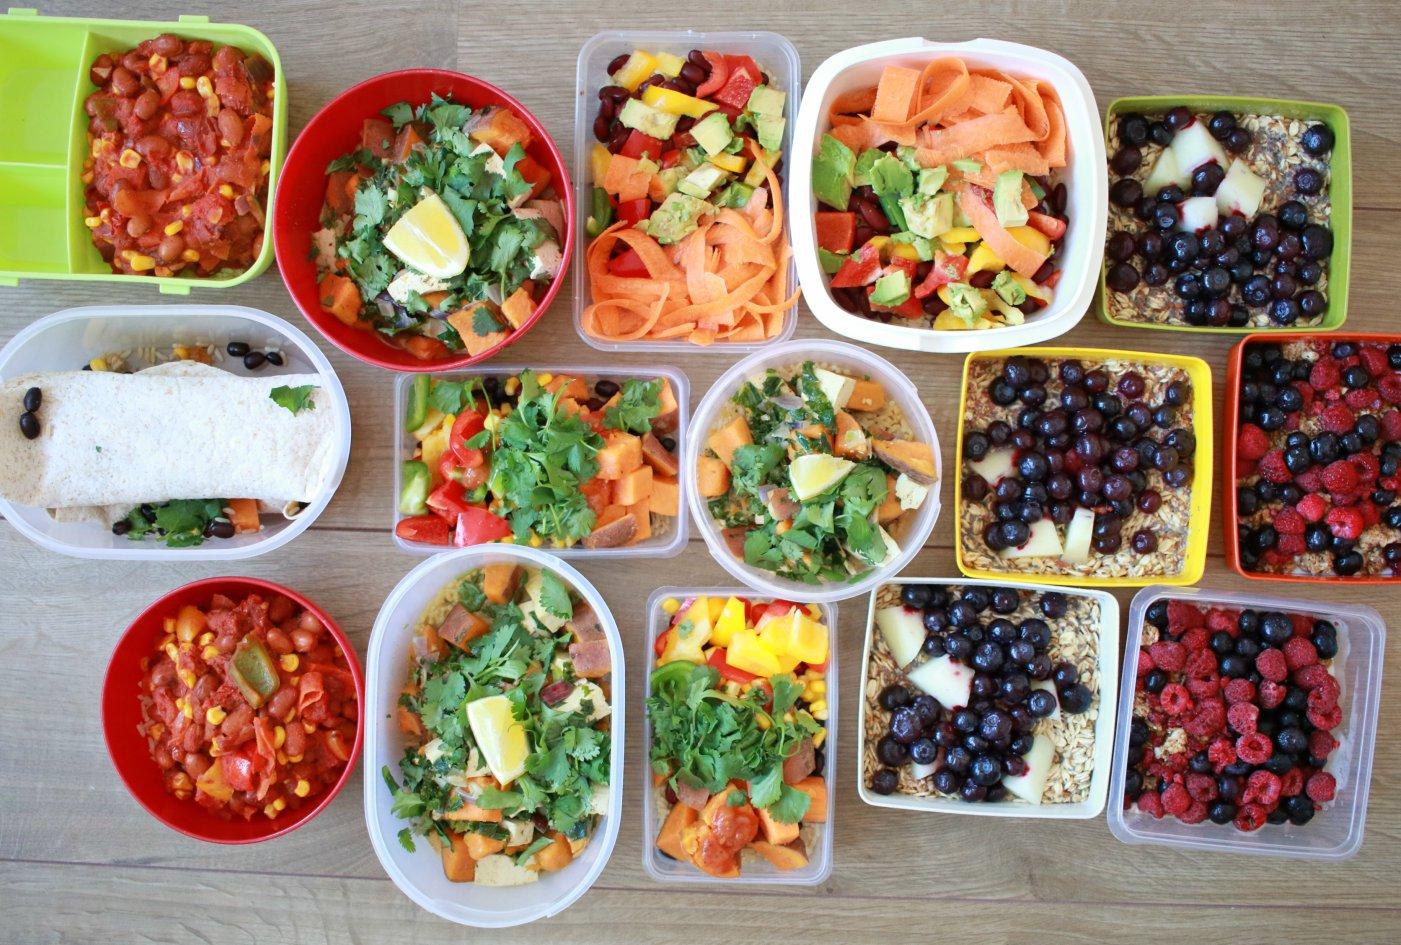 gezond weekmenu maken - voorbeeld